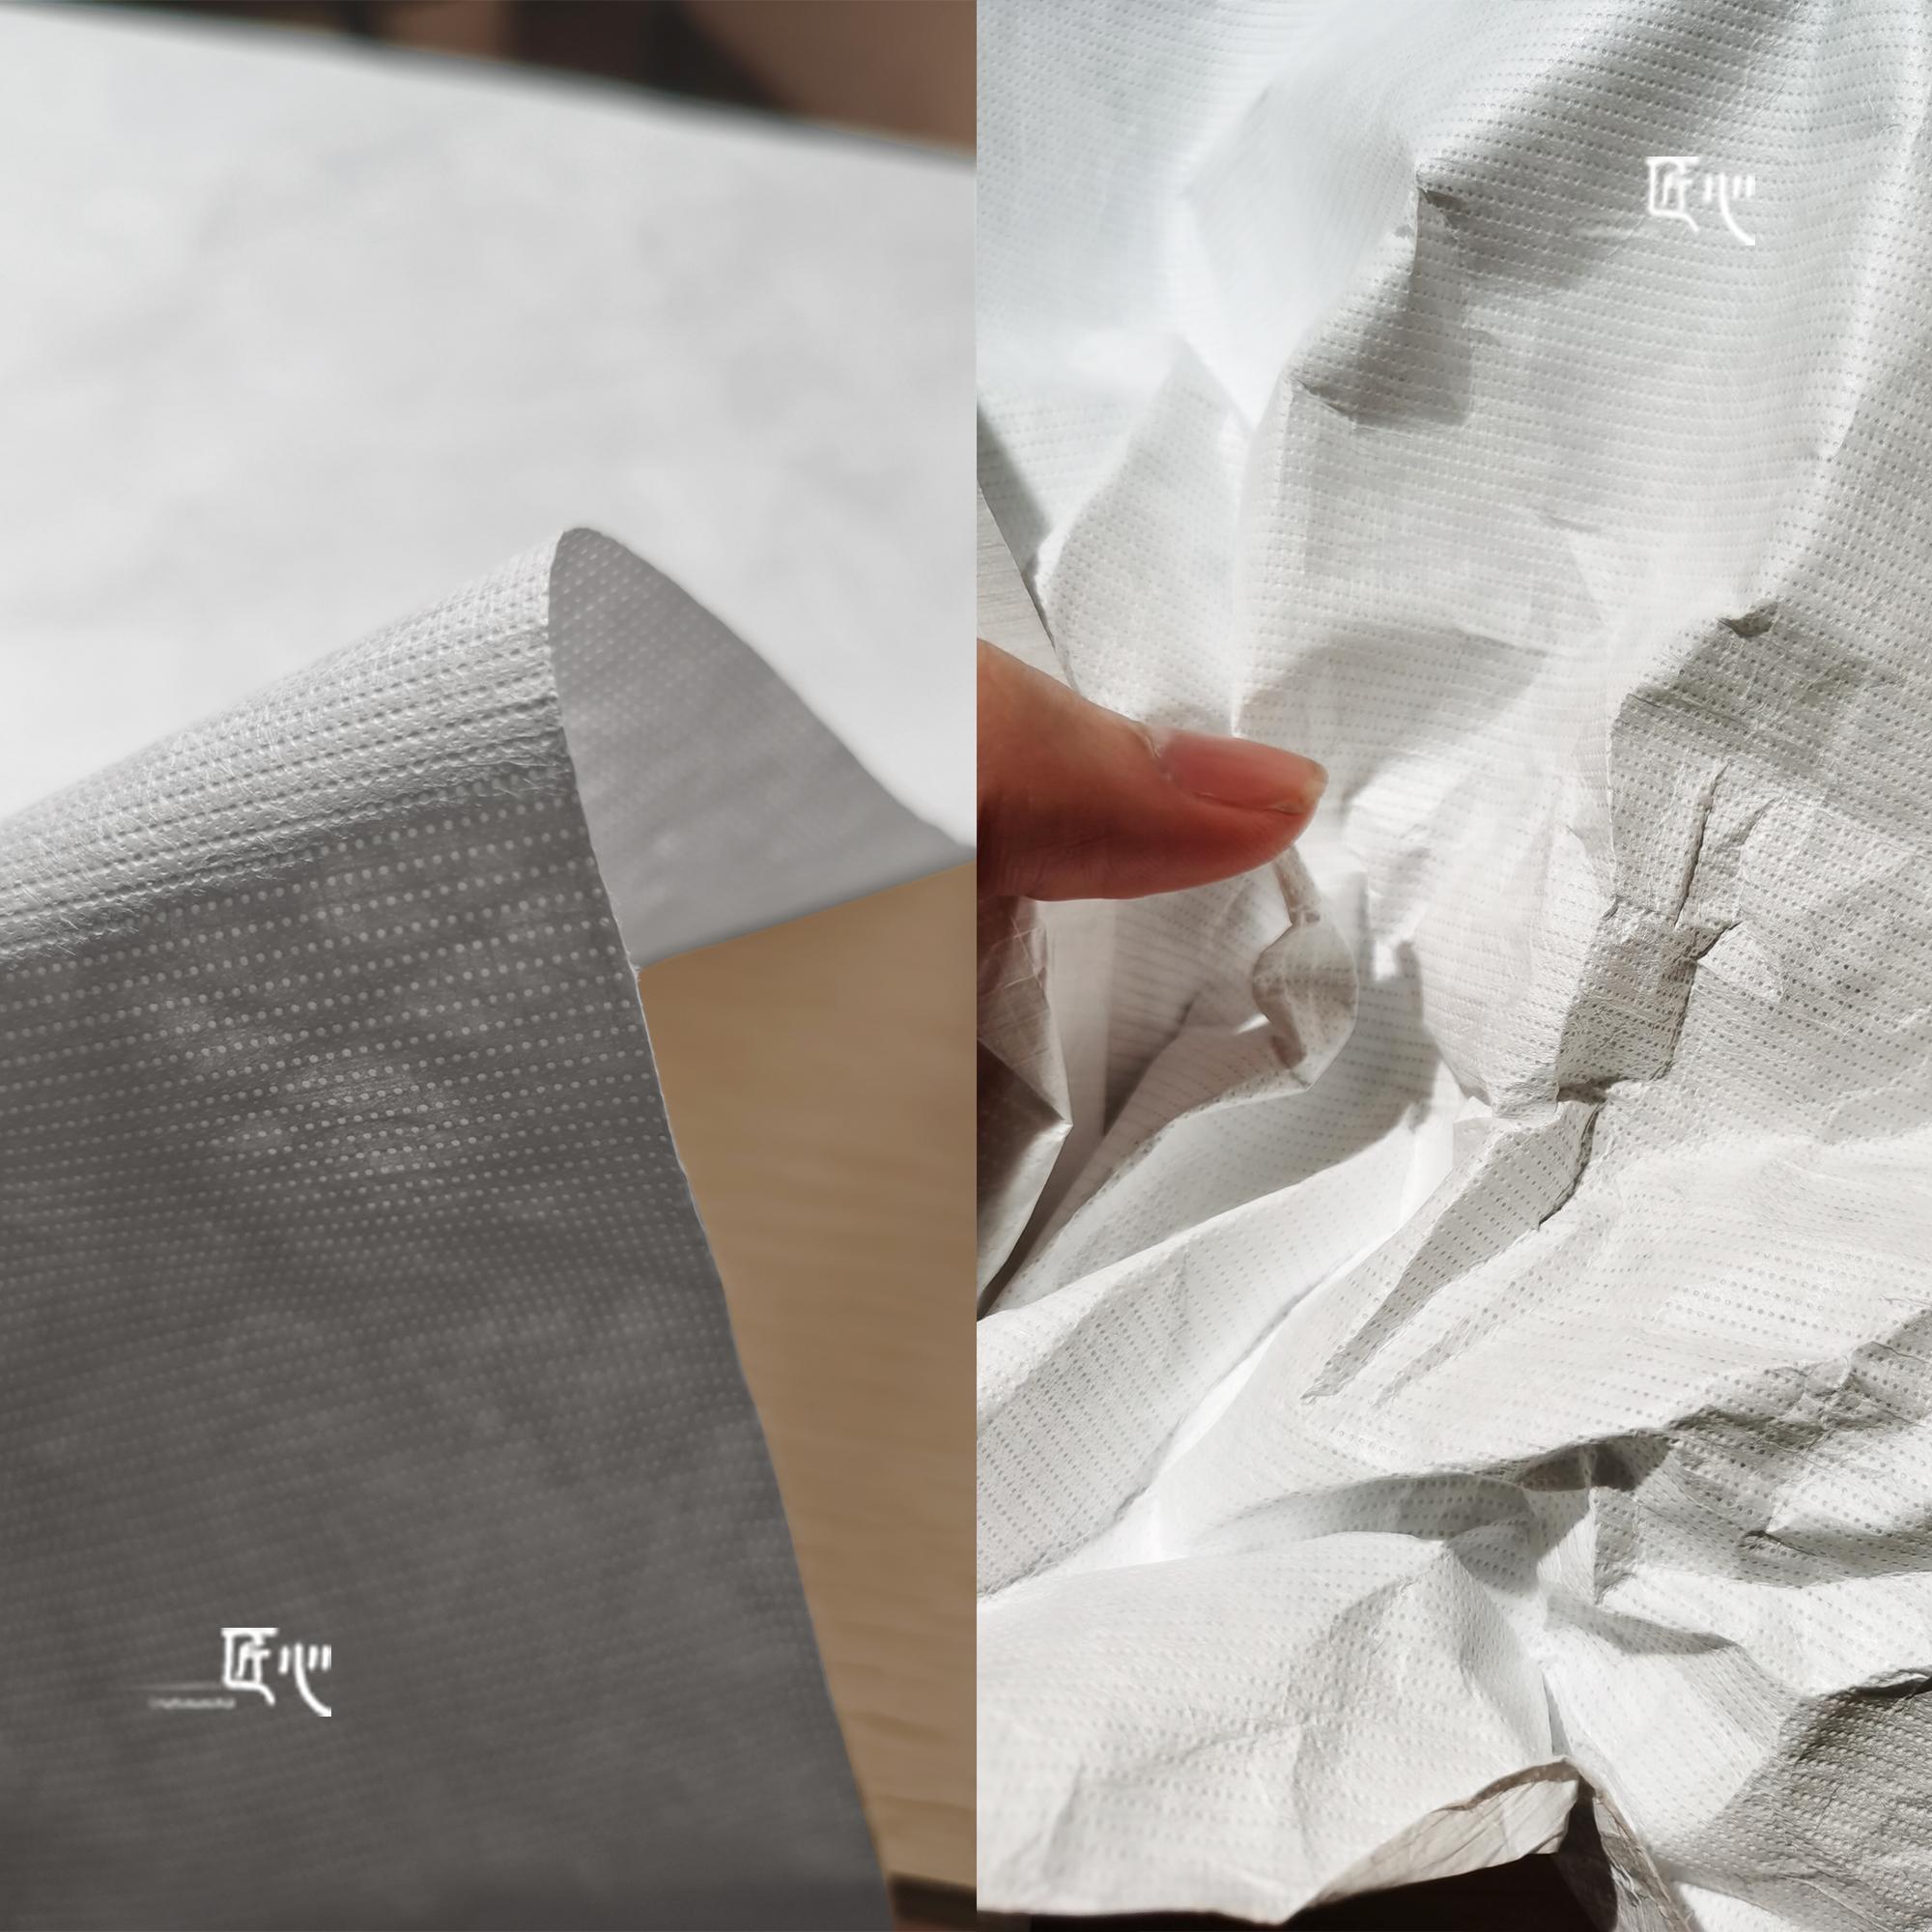 进口杜邦纸布料/Tyvek特卫强水洗呼吸纸撕不烂包包袋子设计师面料